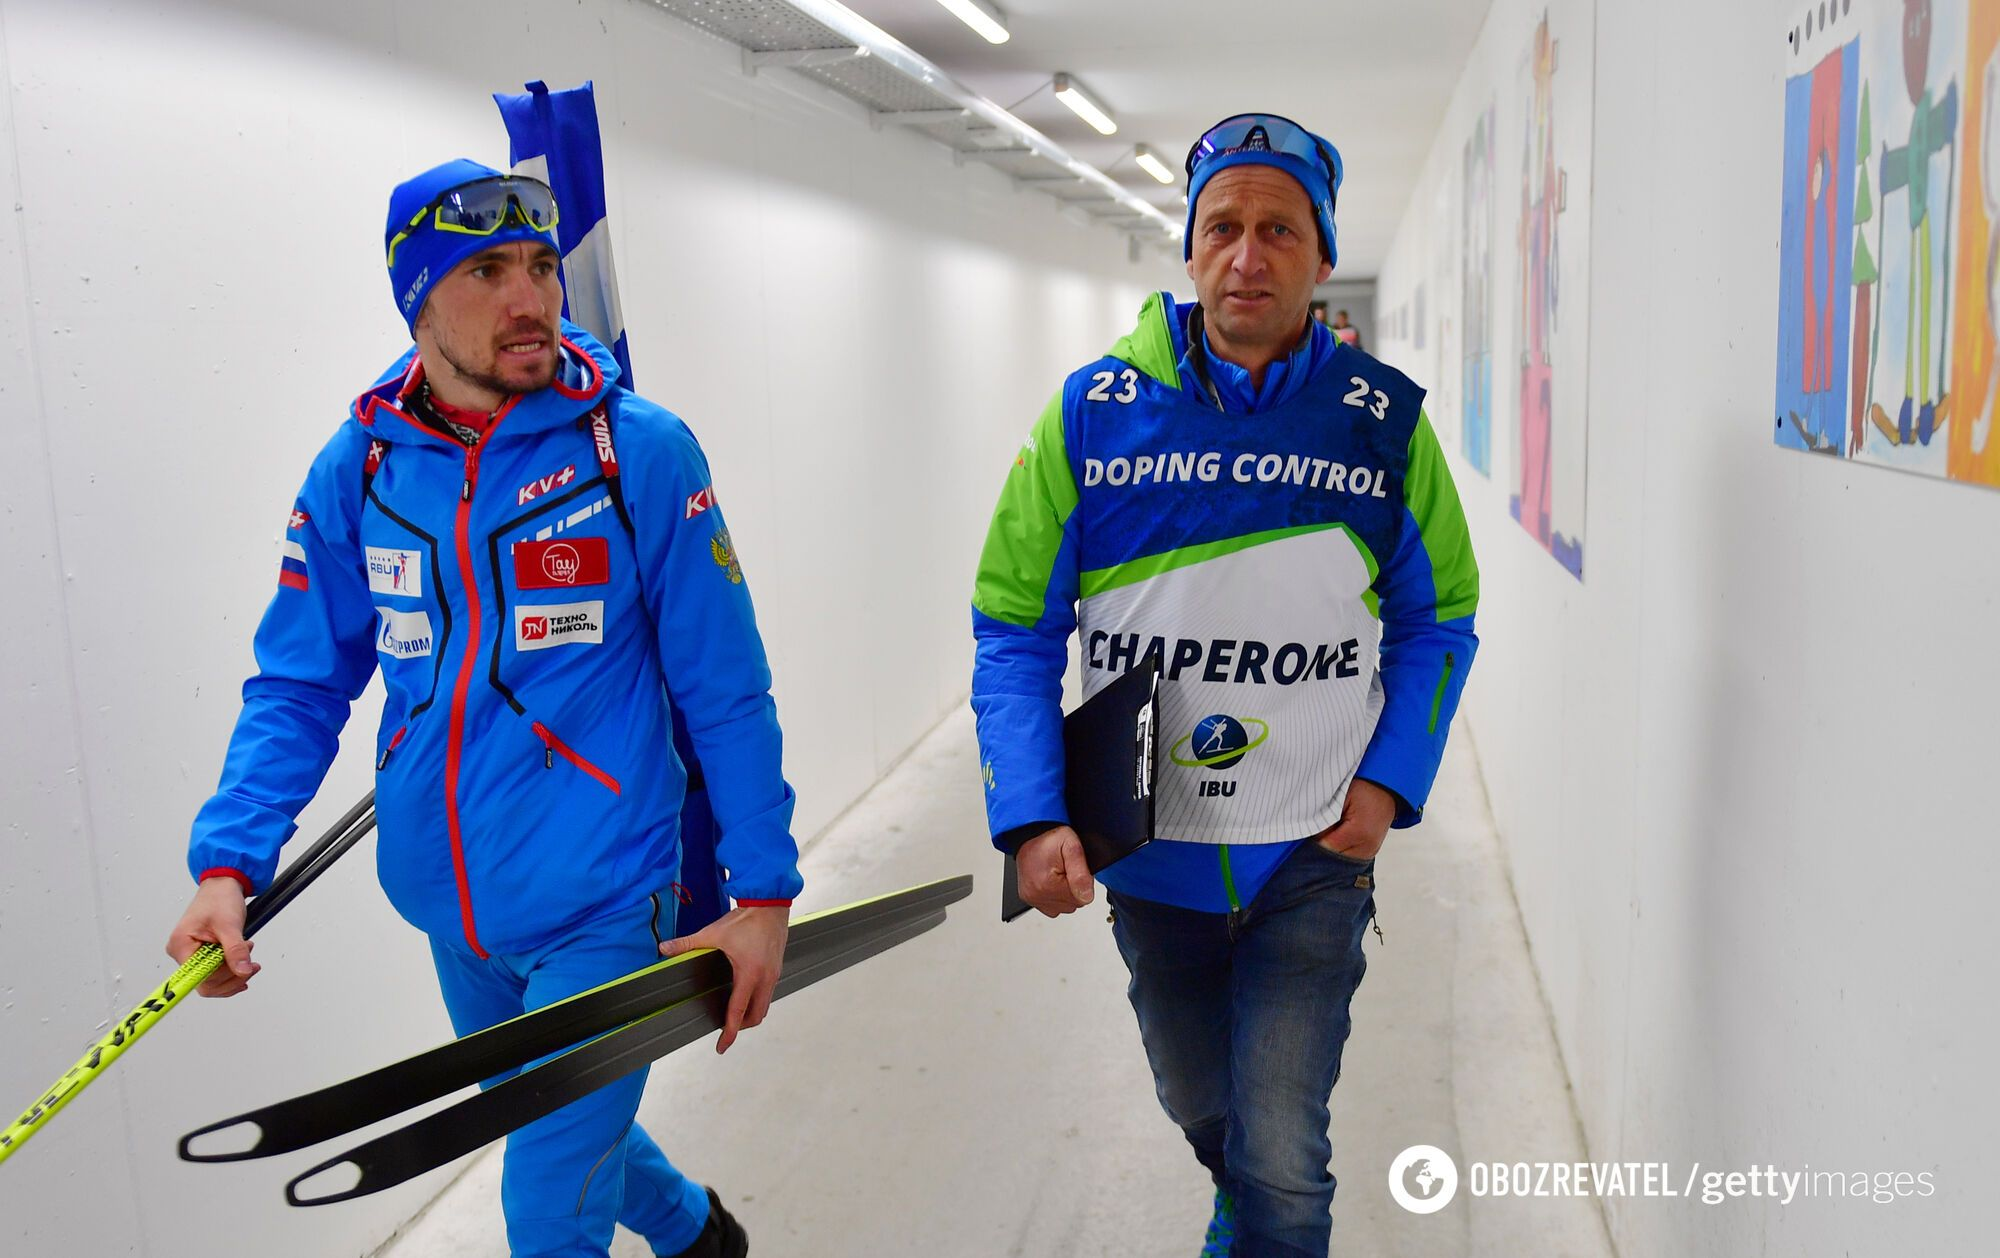 Александр Логинов из-за скандала со сборной России отказался от участия в последней гонке ЧМ